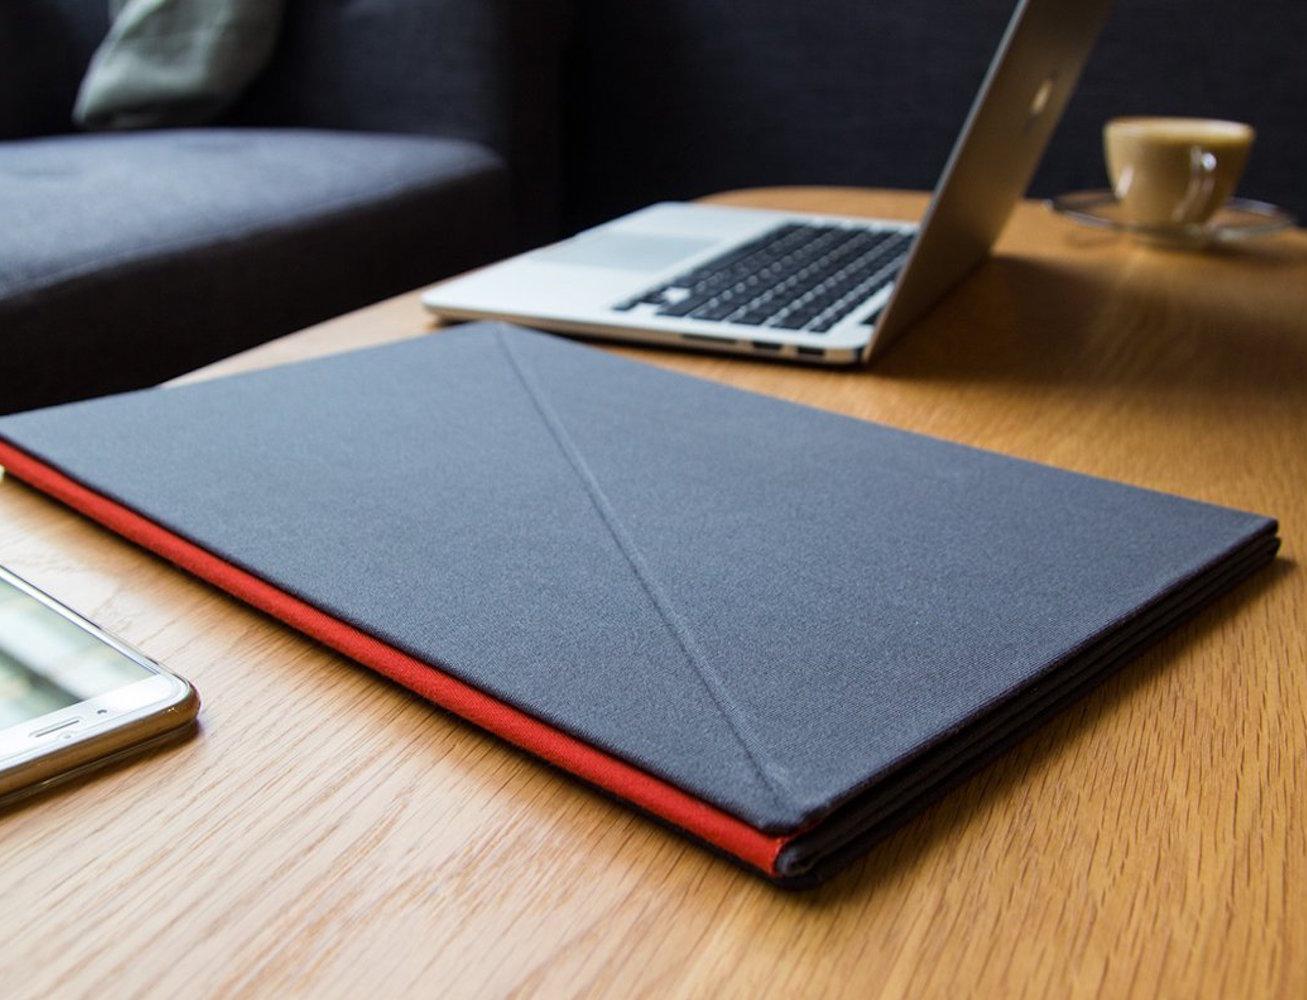 LEVIT8  The Flat Folding Portable Standing Desk  Gadget Flow